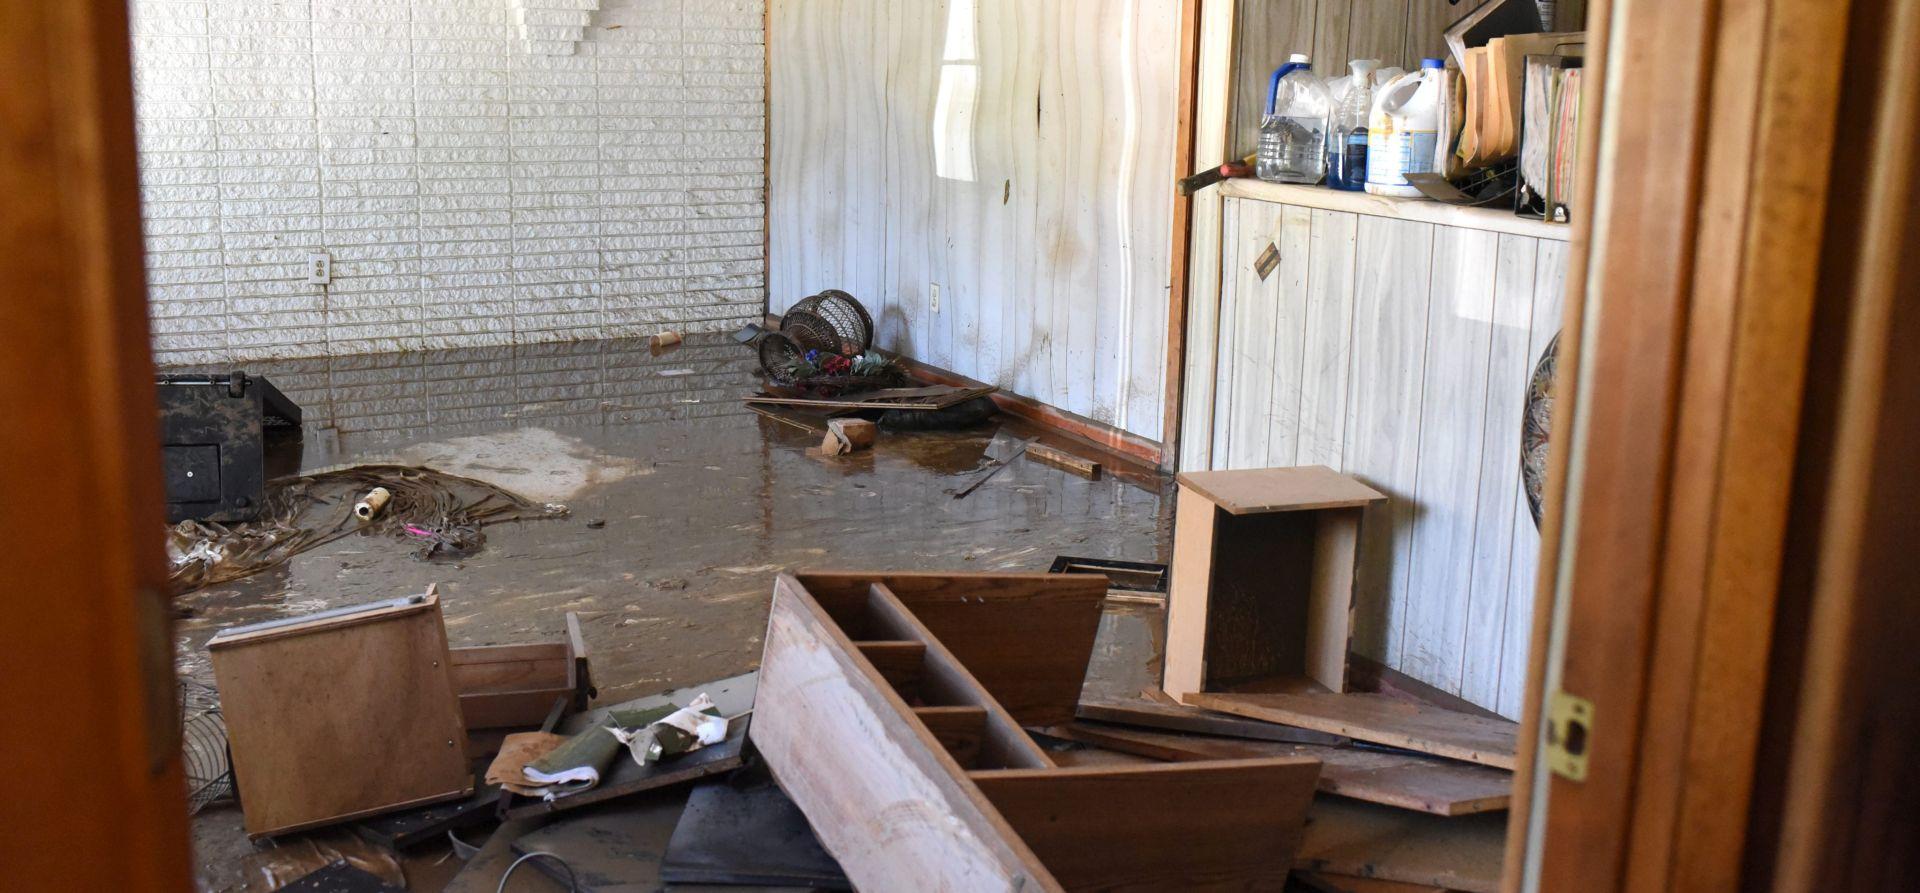 Obama proglasio stanje katastrofe u Sjevernoj Karolini nakon uragana Matthew